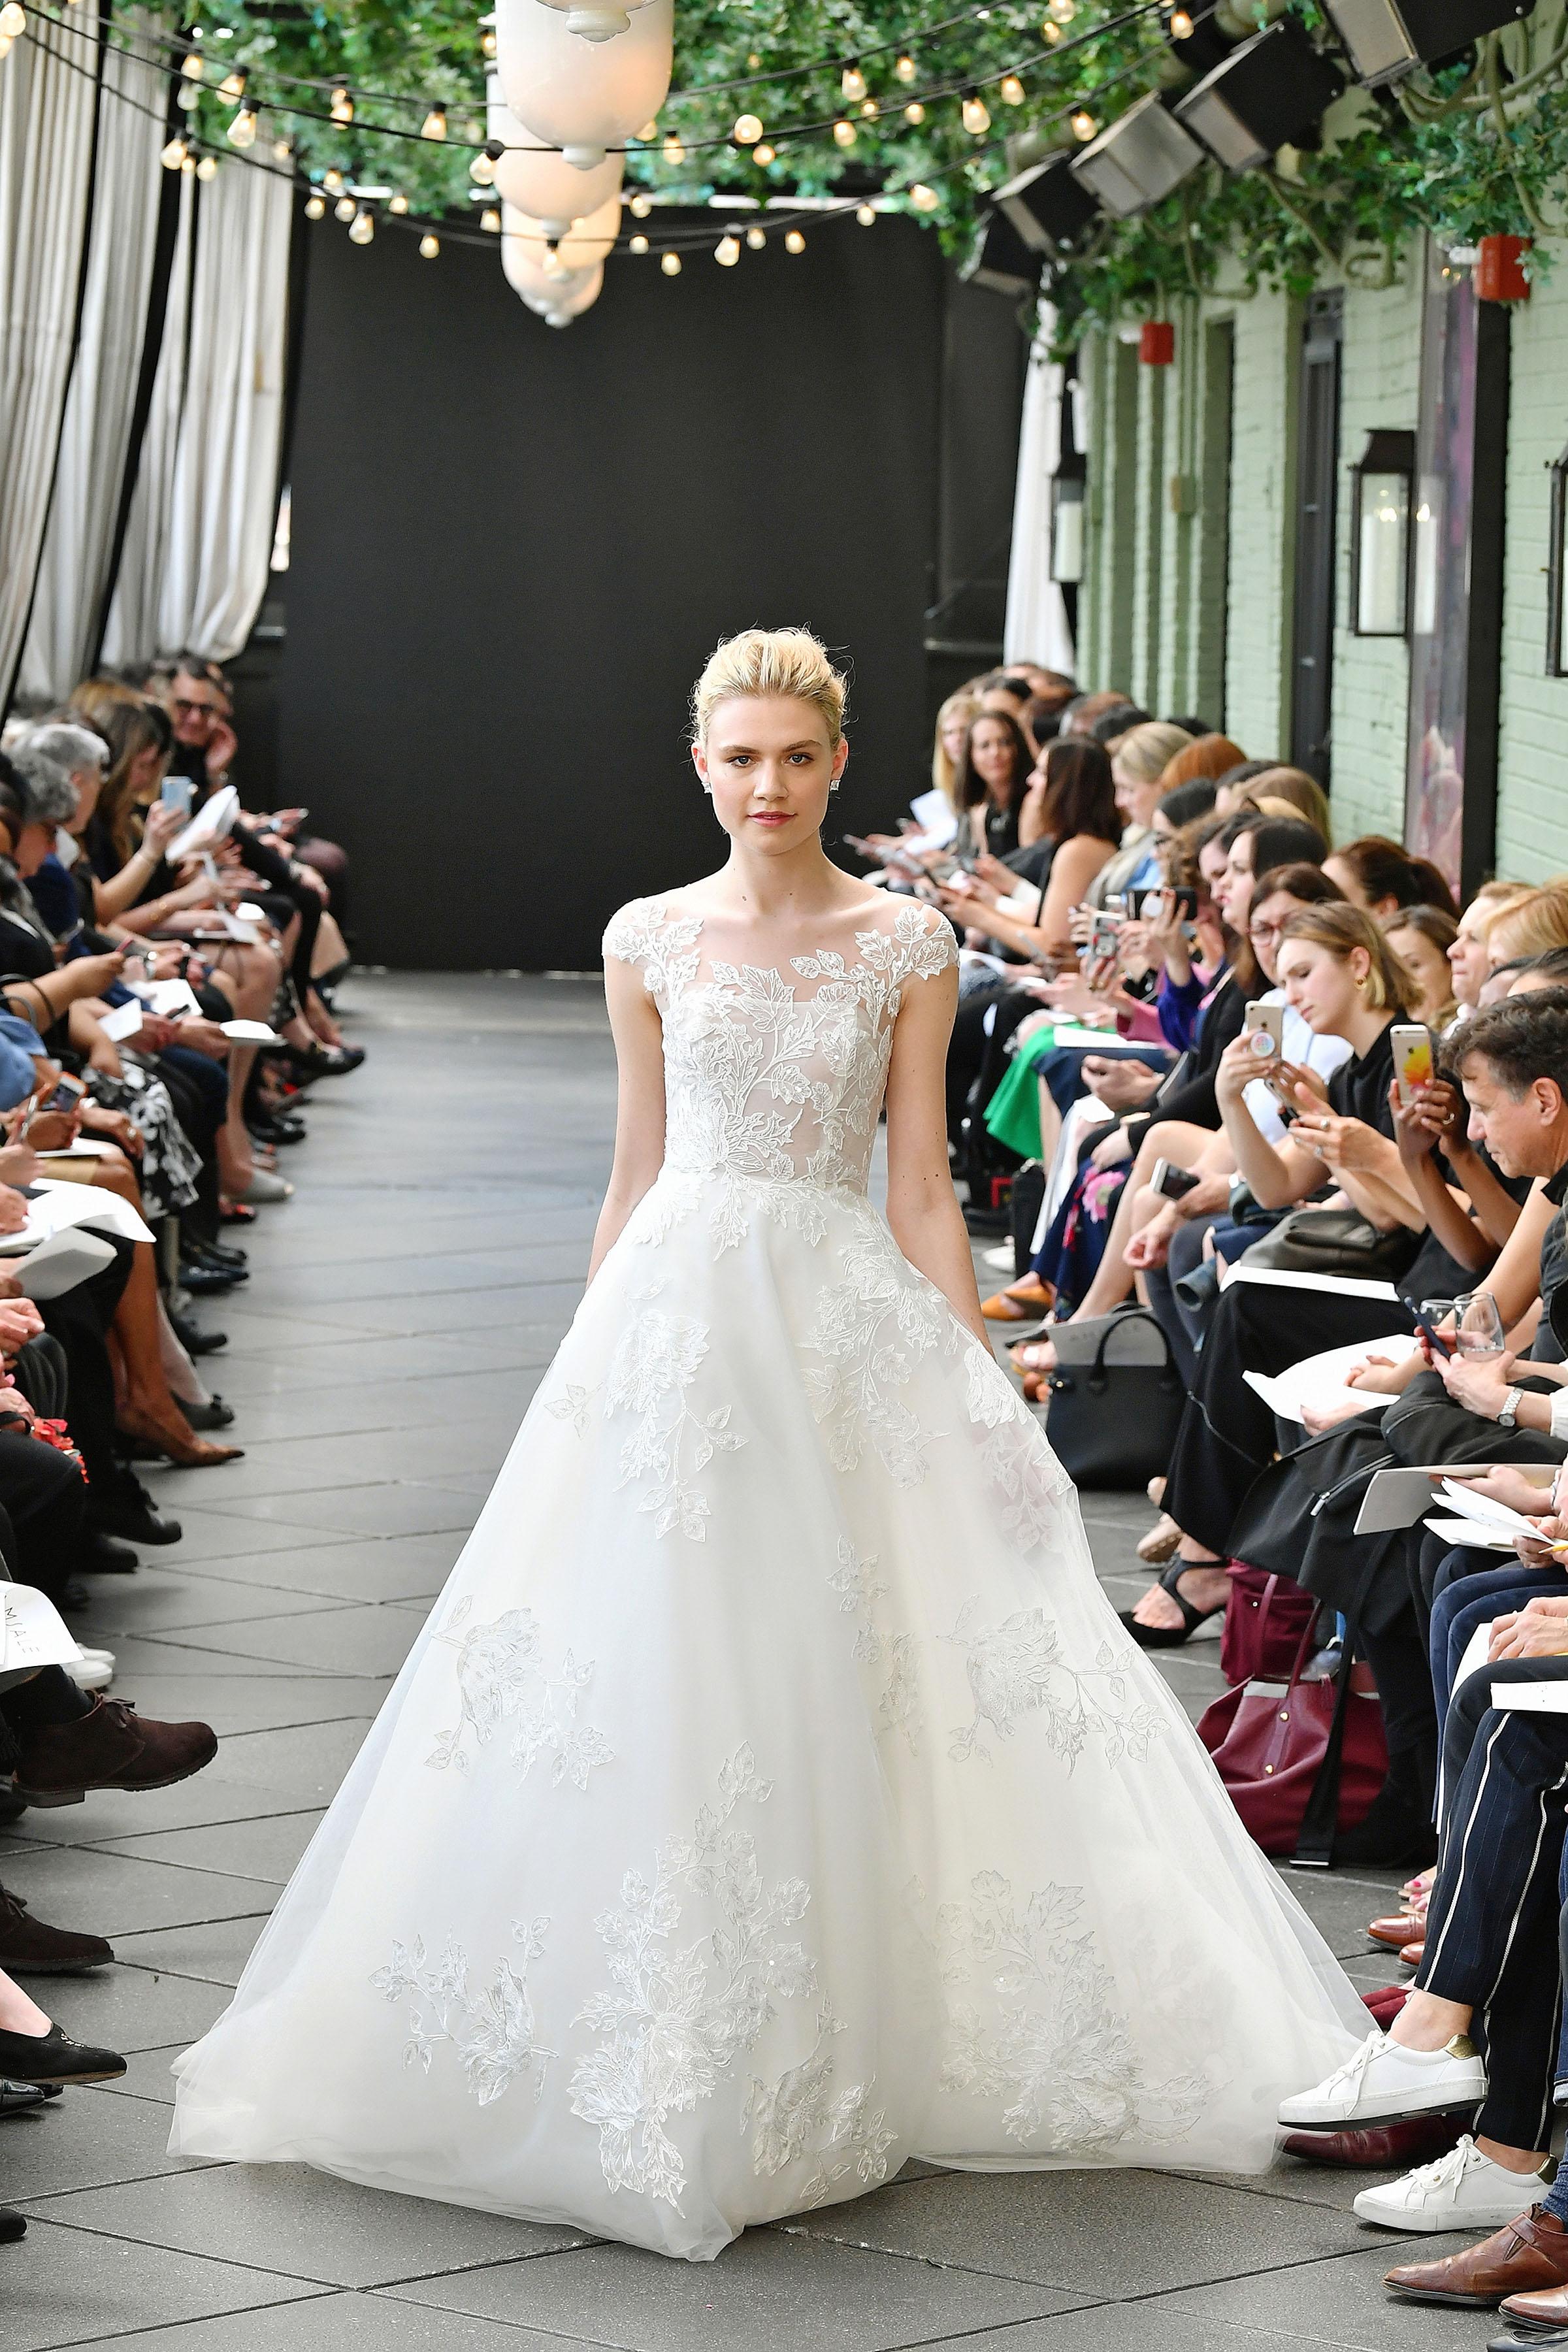 nouvelle amsale wedding dress spring 2019 floral a-line